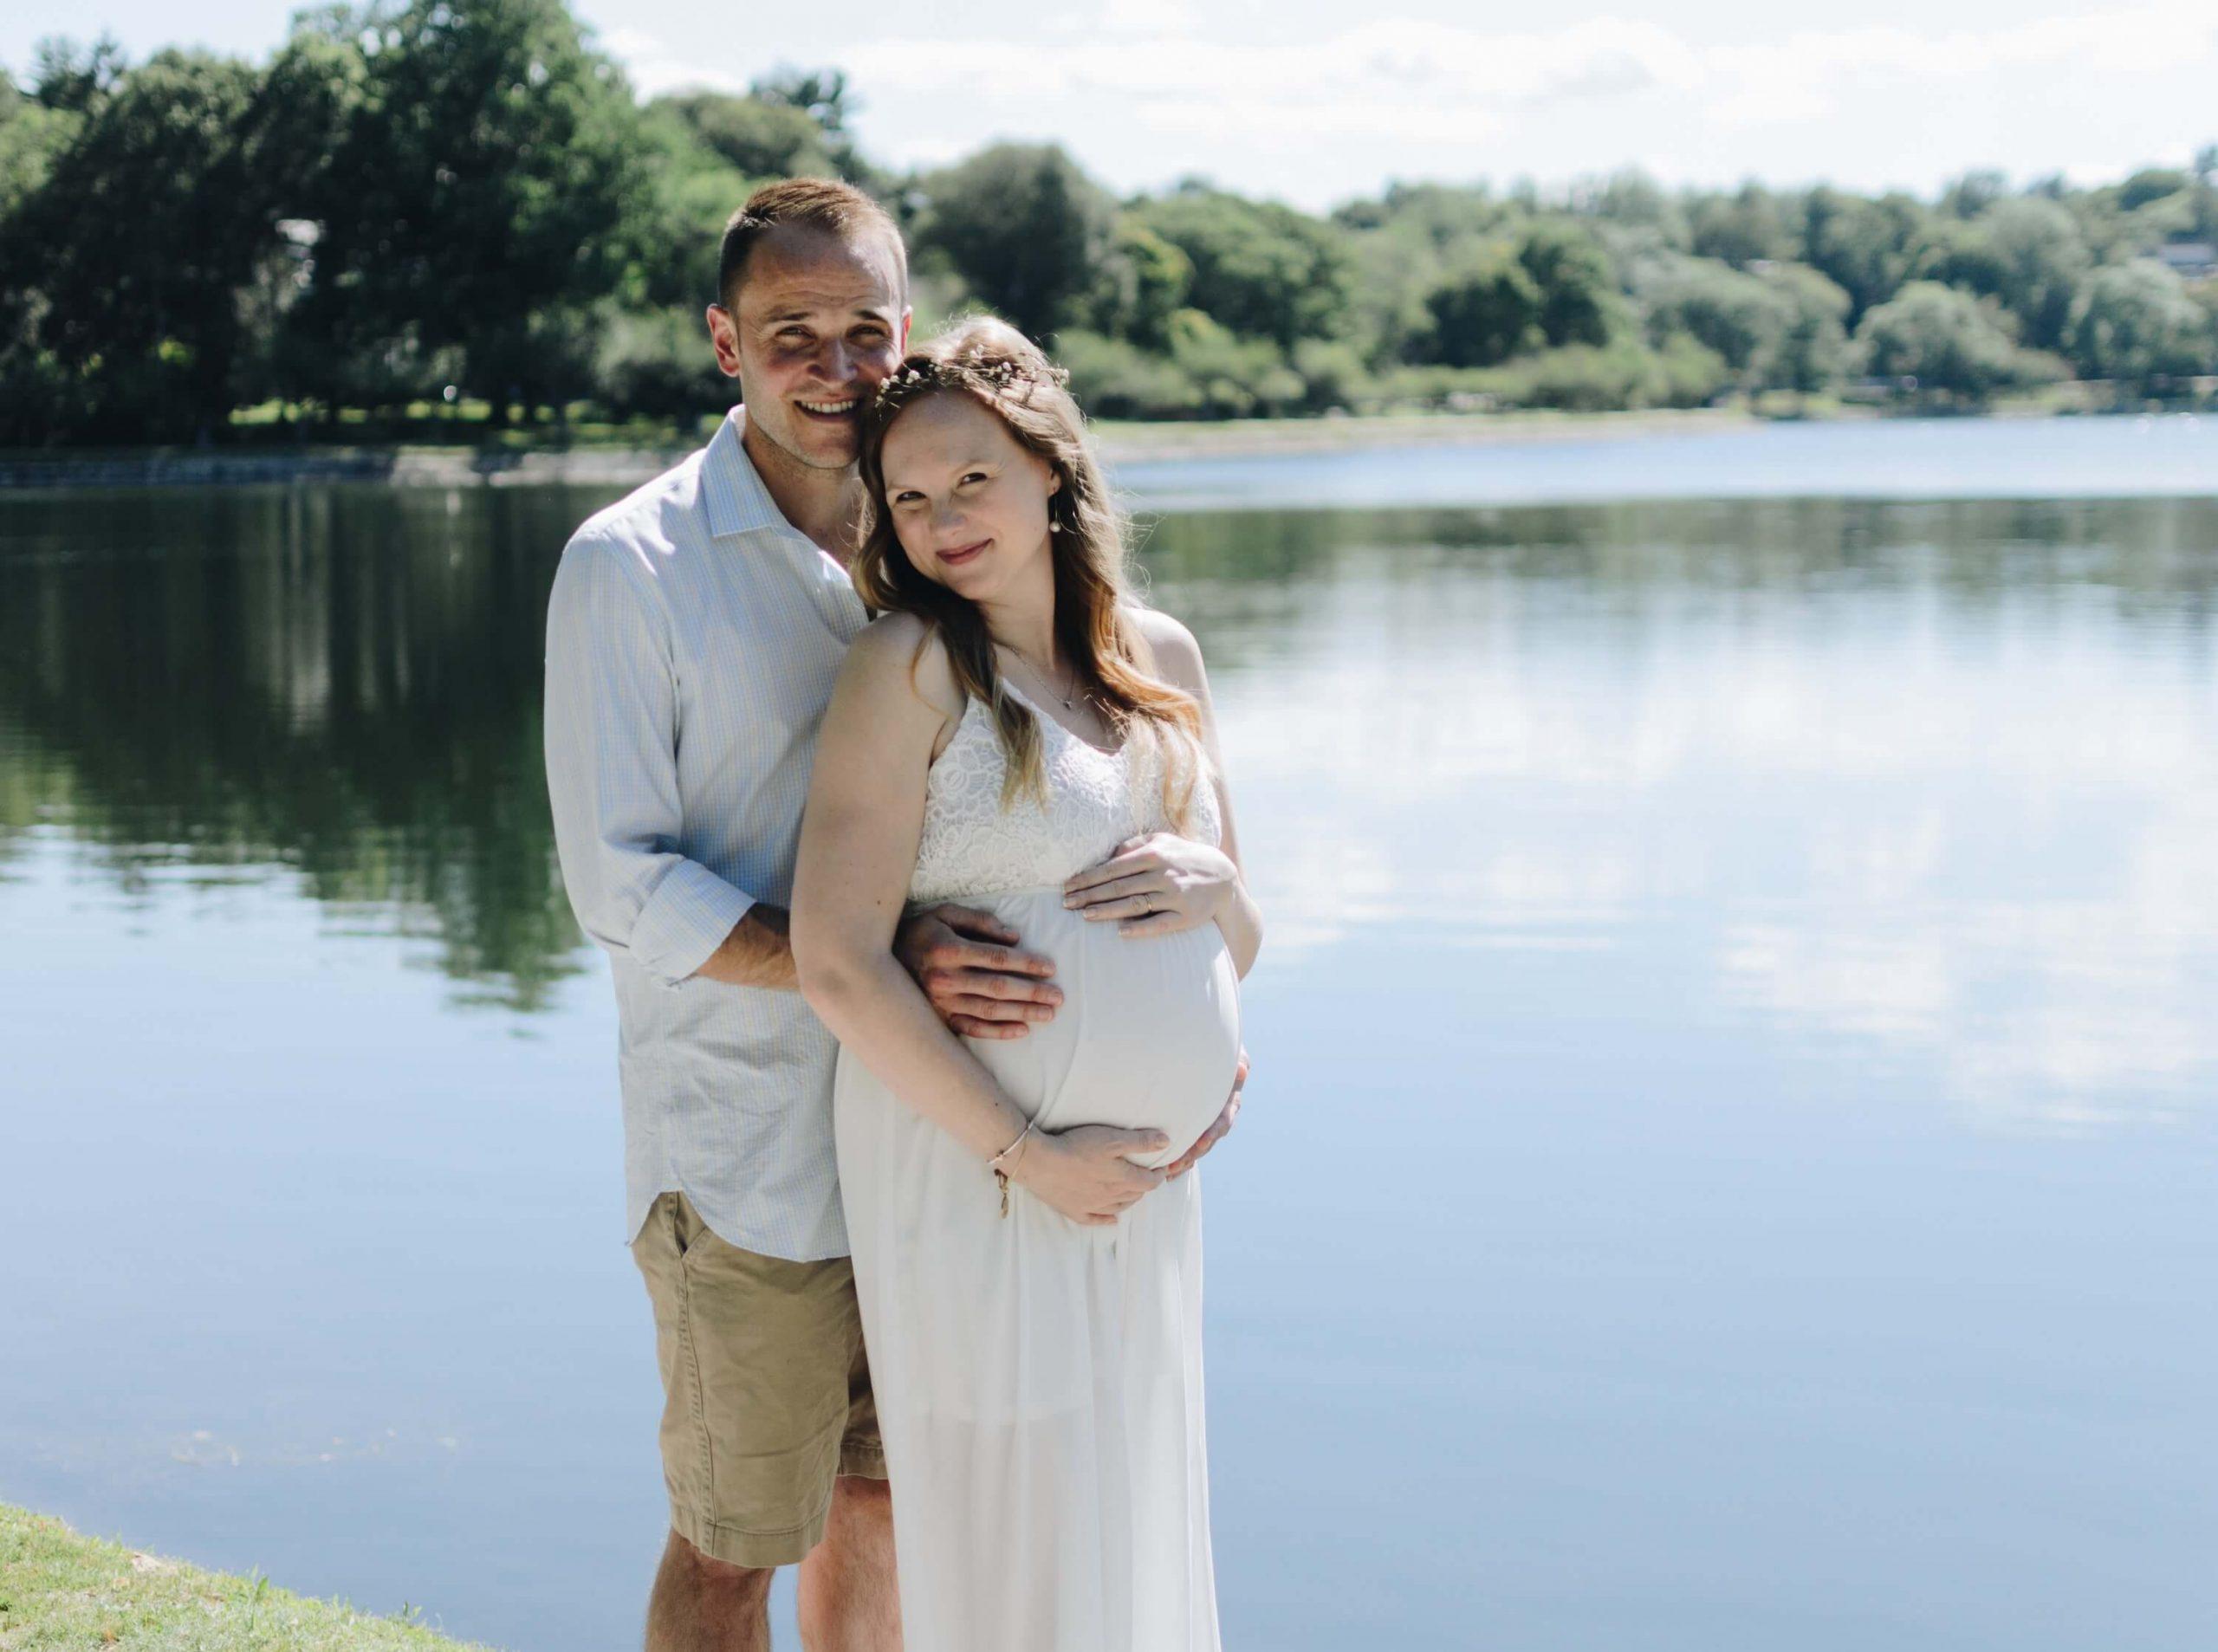 10 cosas que puedes hacer con tu pareja embarazada